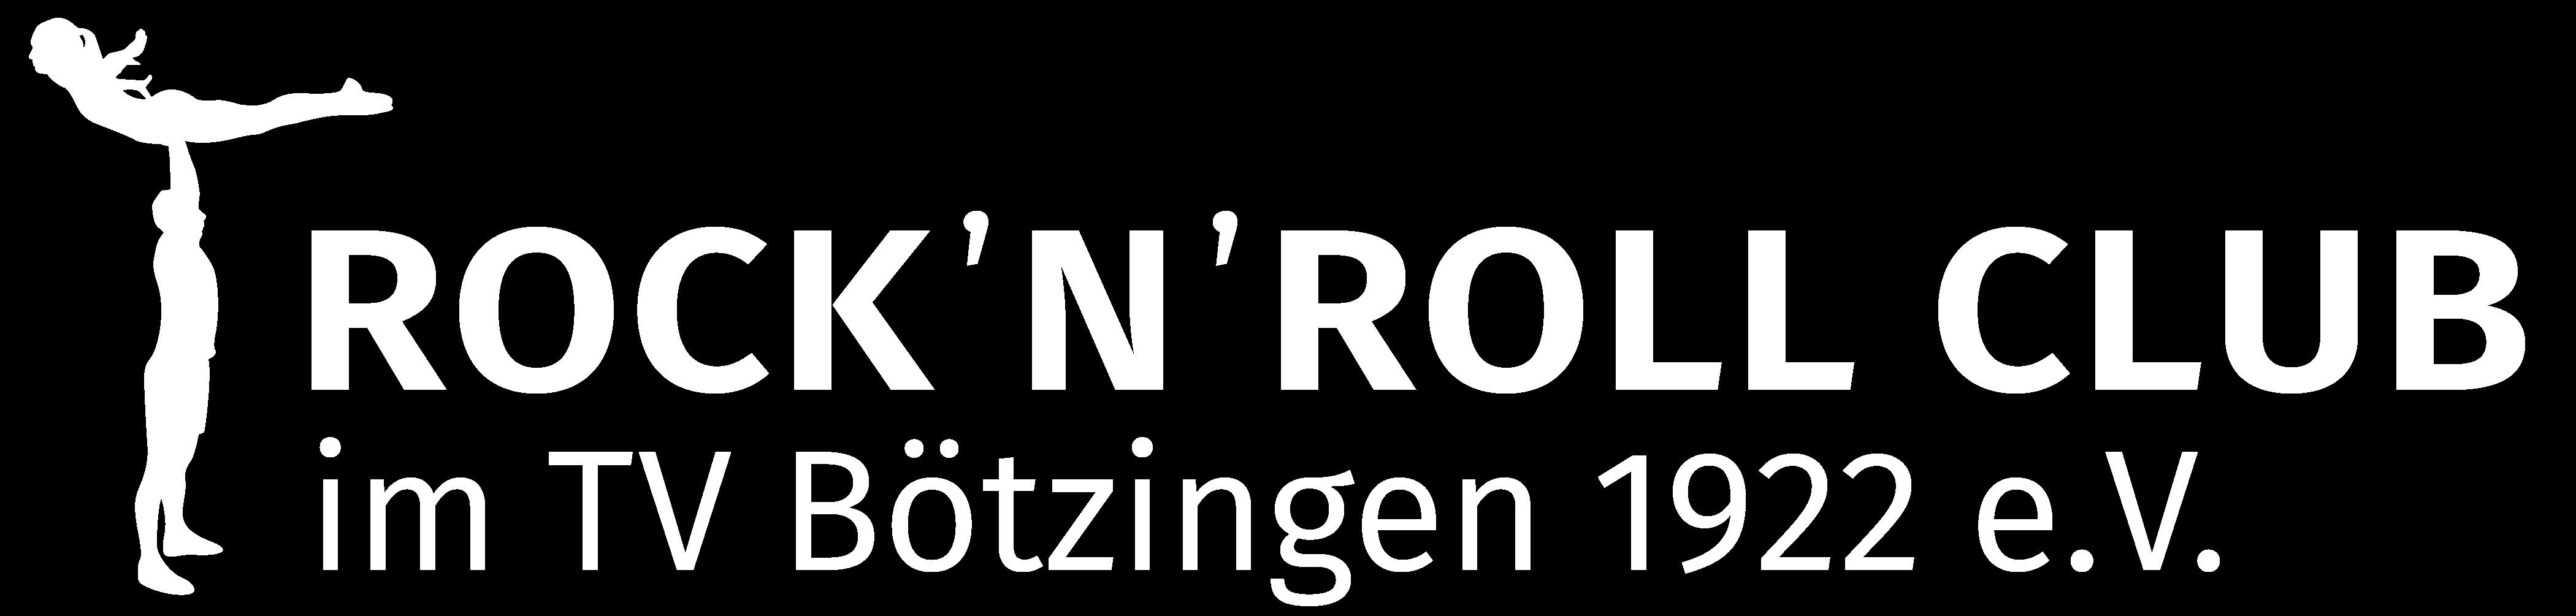 RRC Bötzingen